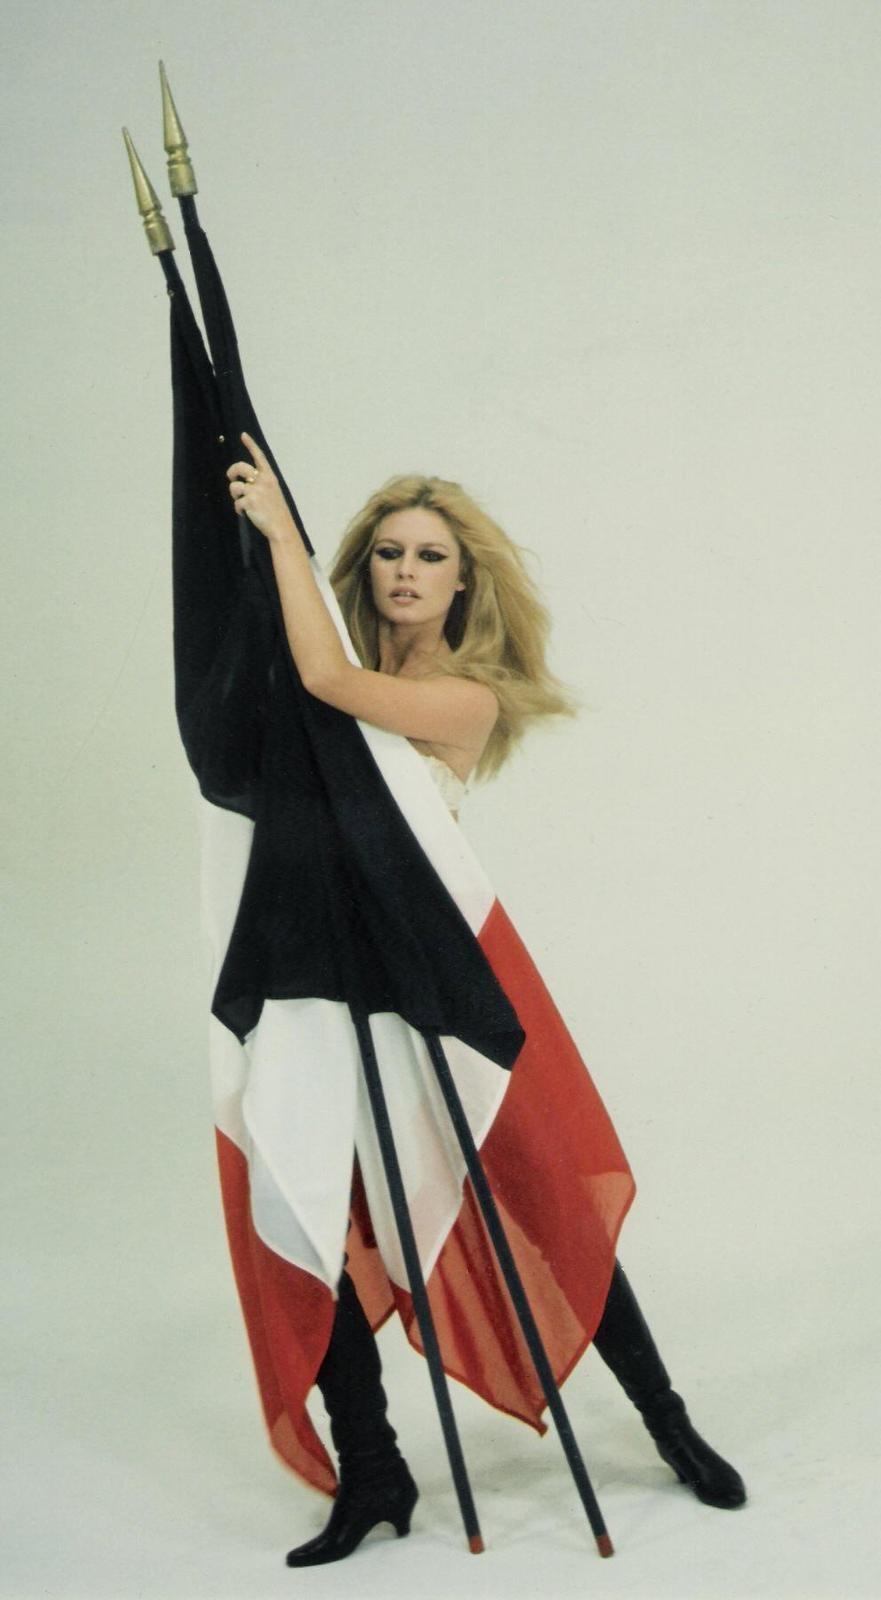 ob_50b190_1967-brigitte-bardot-et-le-drapeau-f.jpg